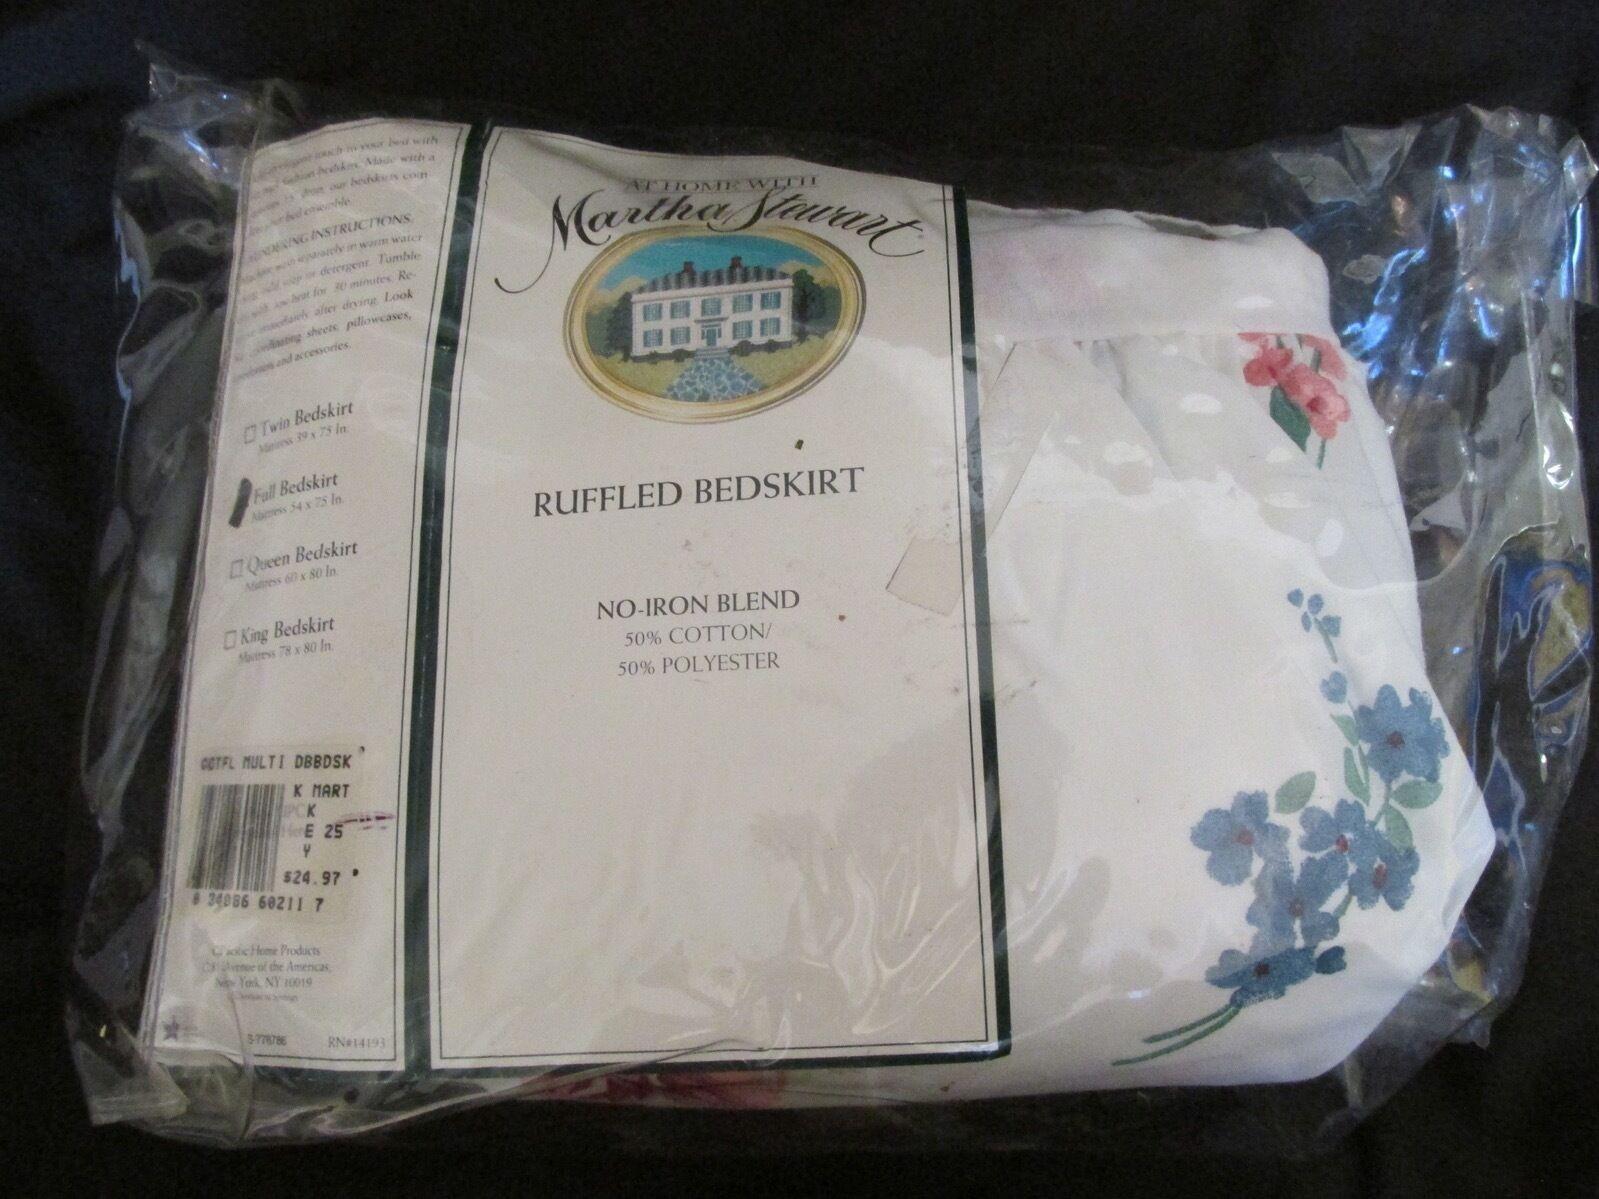 Brandneu Vintage Martha Stewart Voll Größe Zerzaust Bedskirt Cottage Flowers